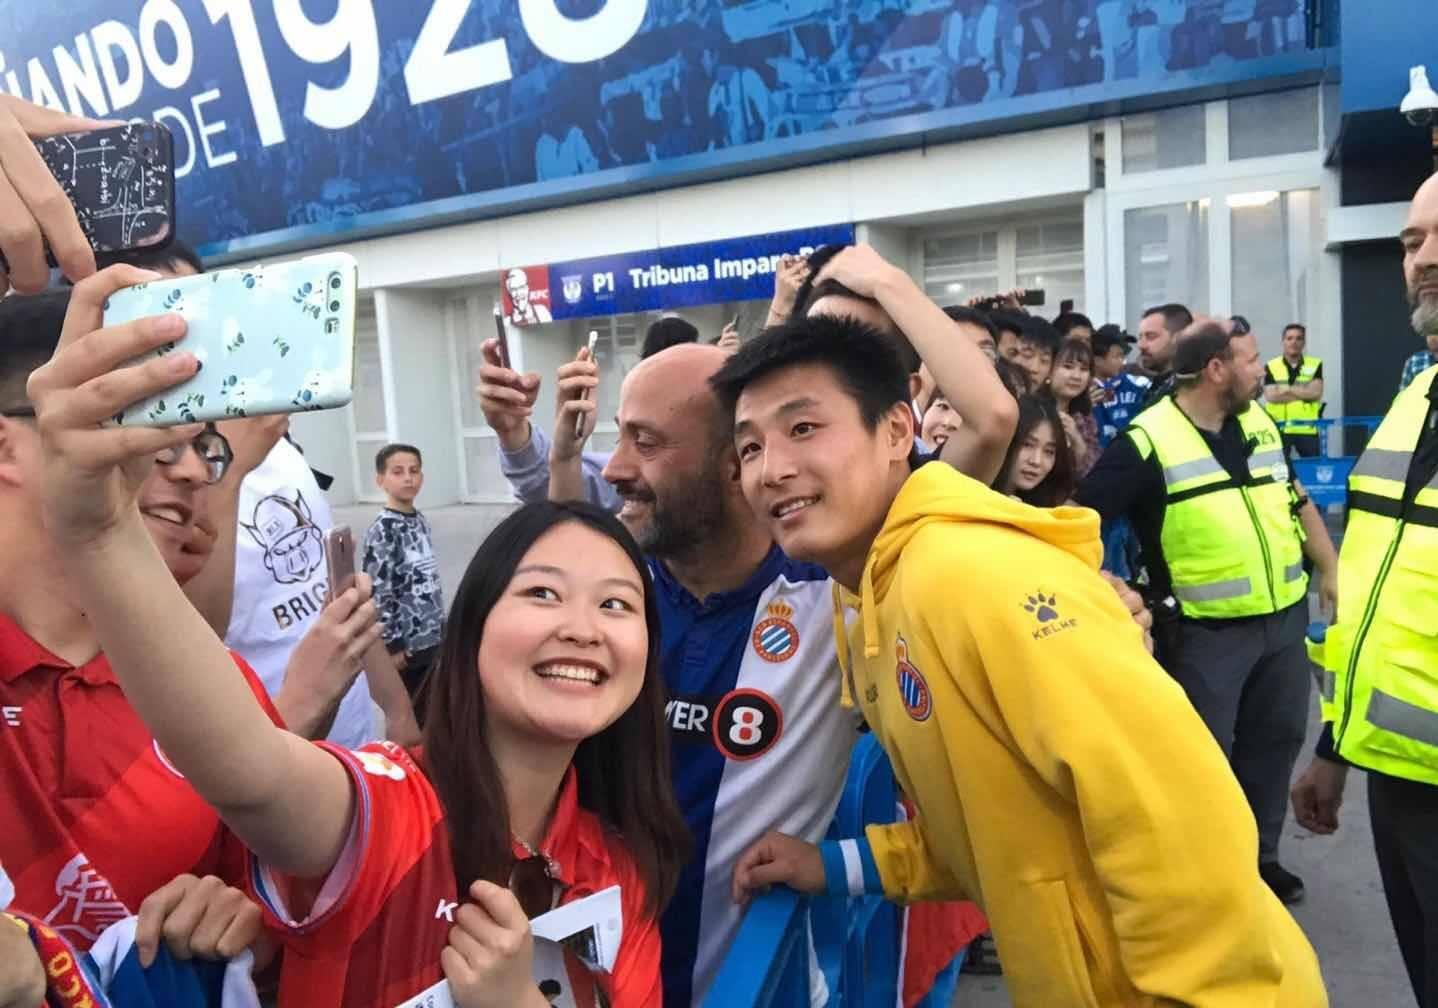 武磊发博:感动中国留学生和华人到场为我加油,谢谢你们